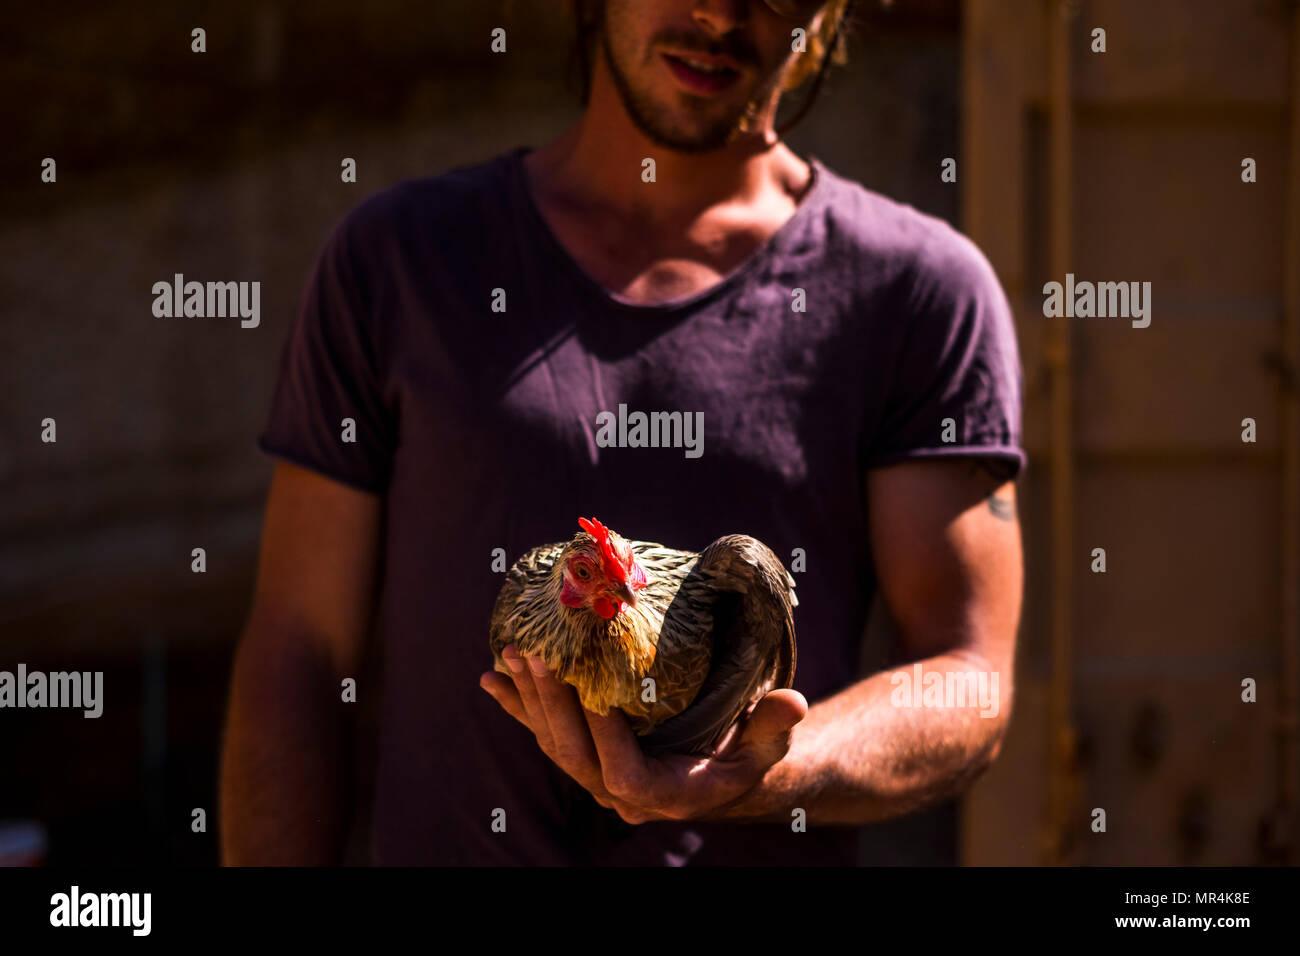 L'amitié et de vie végétarien pour les hommes de prendre une cuisine tranquille sur sa main. lui faire confiance et l'humain pour un nouvel avenir sustenible. Photo Stock